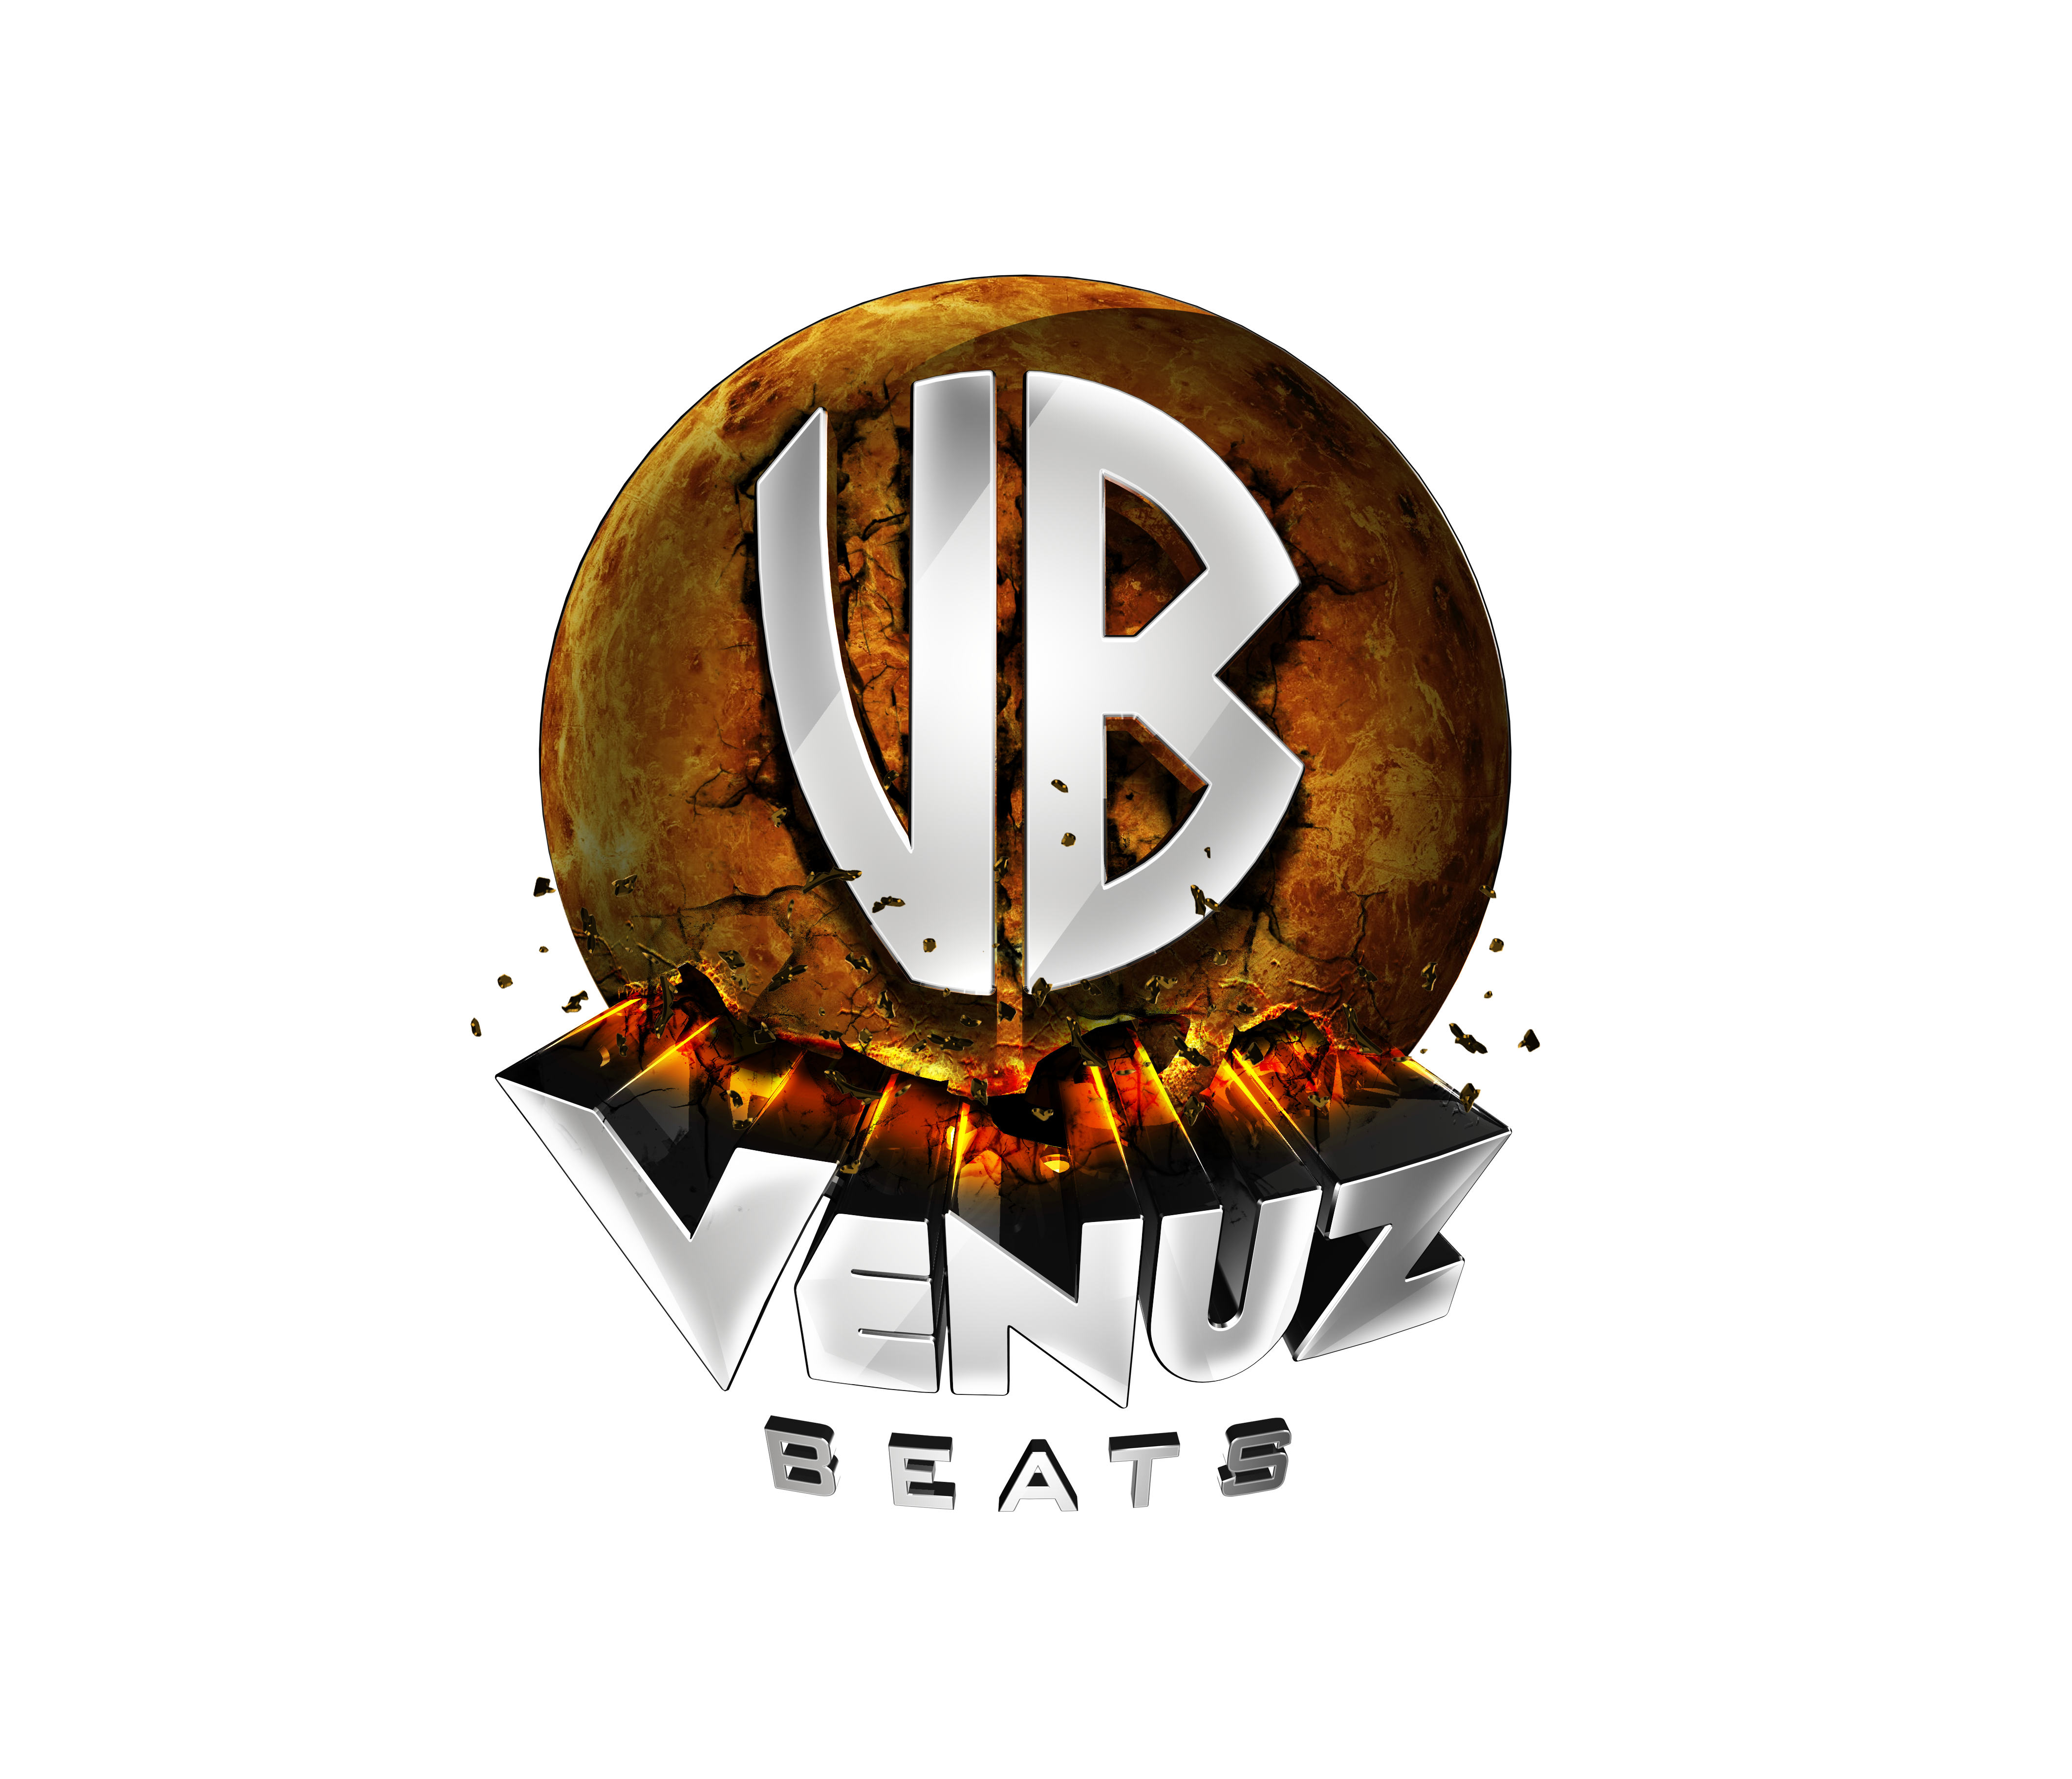 Venuz Beats - Official Beat Website